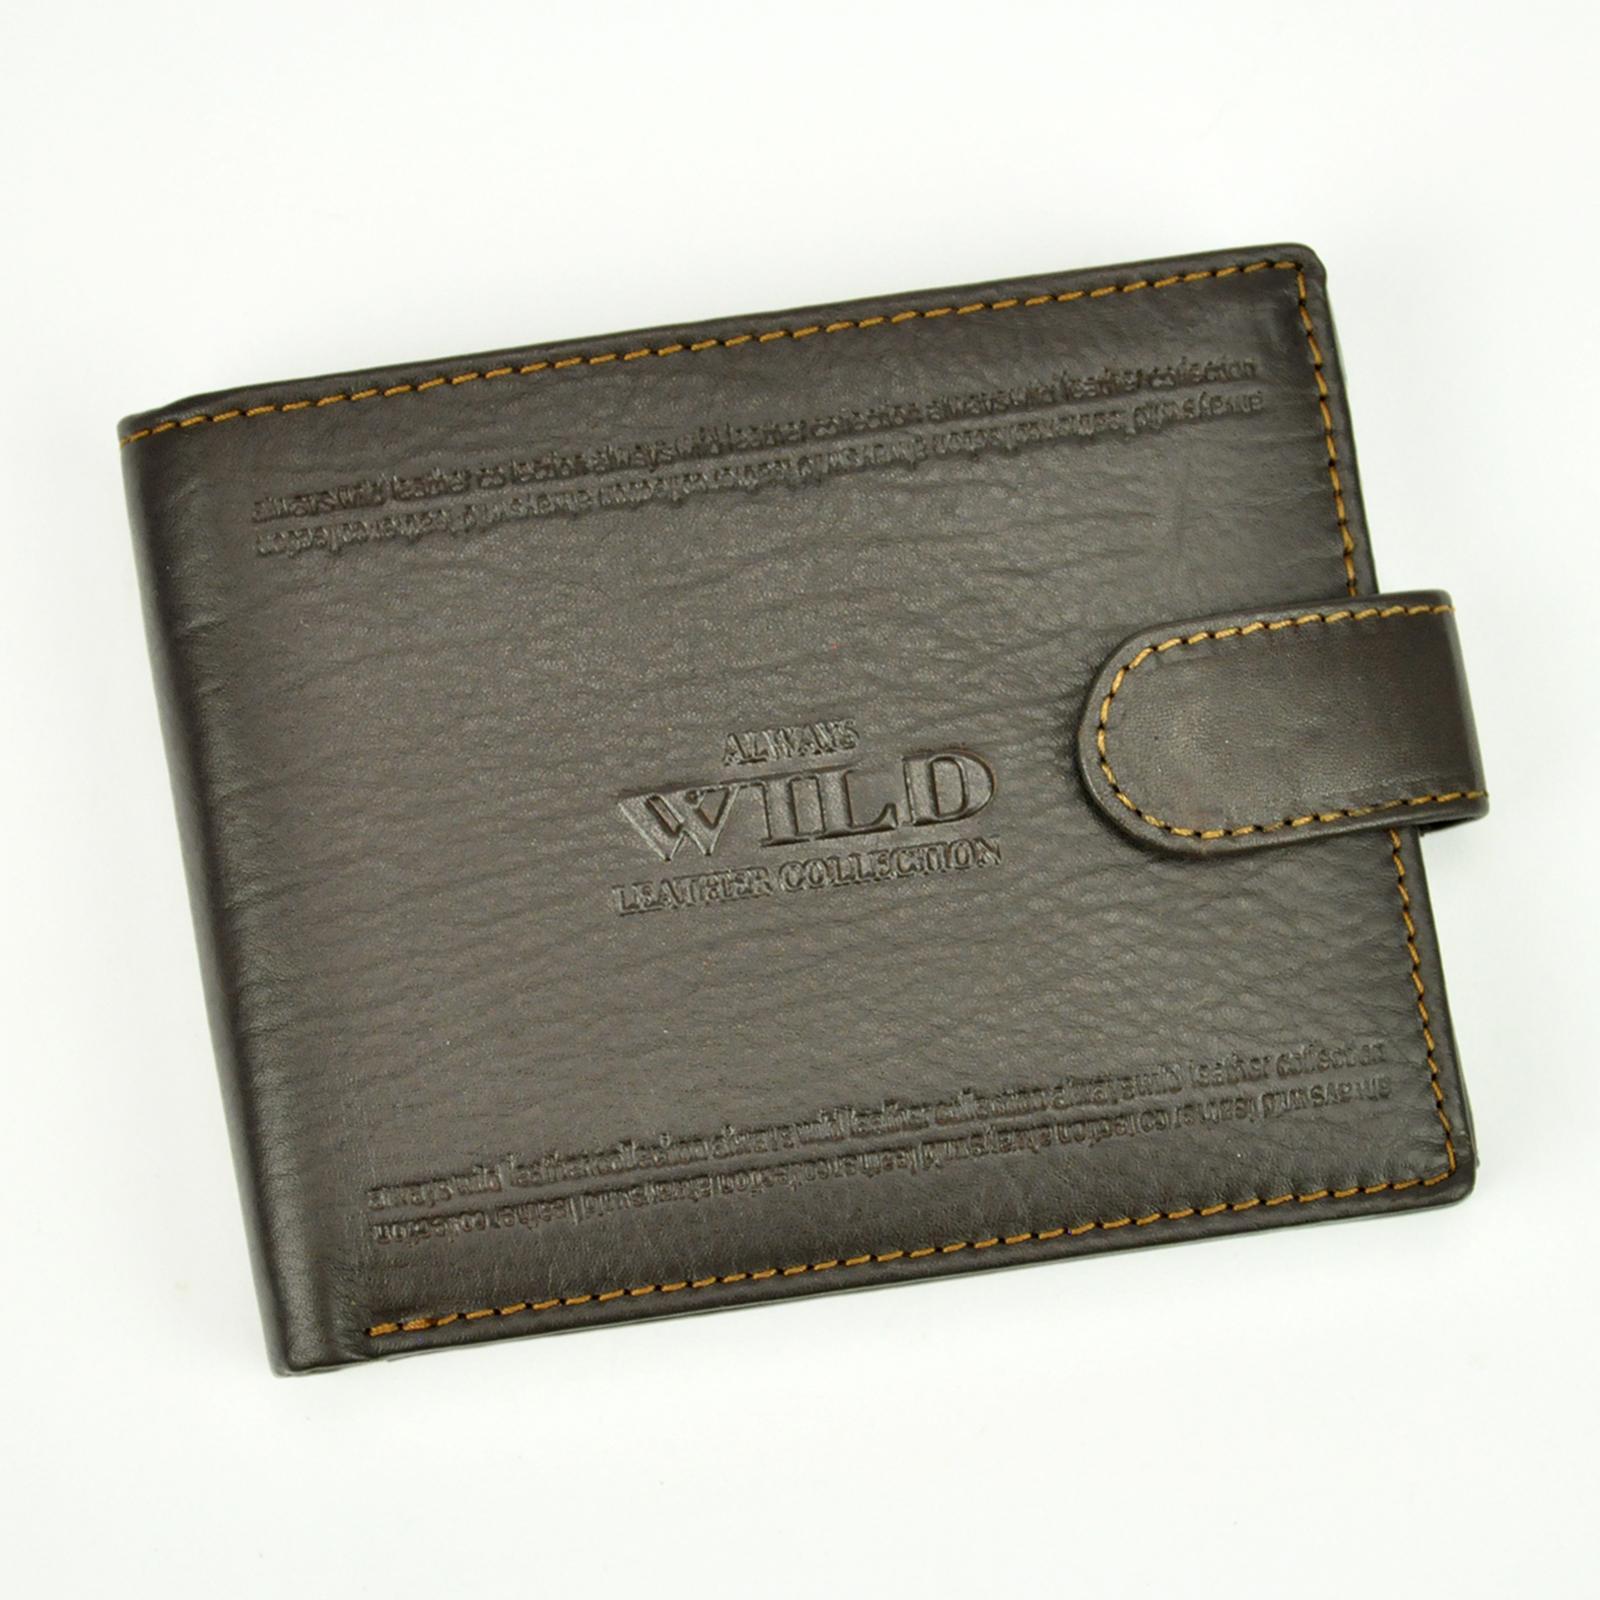 Pánska peňaženka Wild N992L-WCA